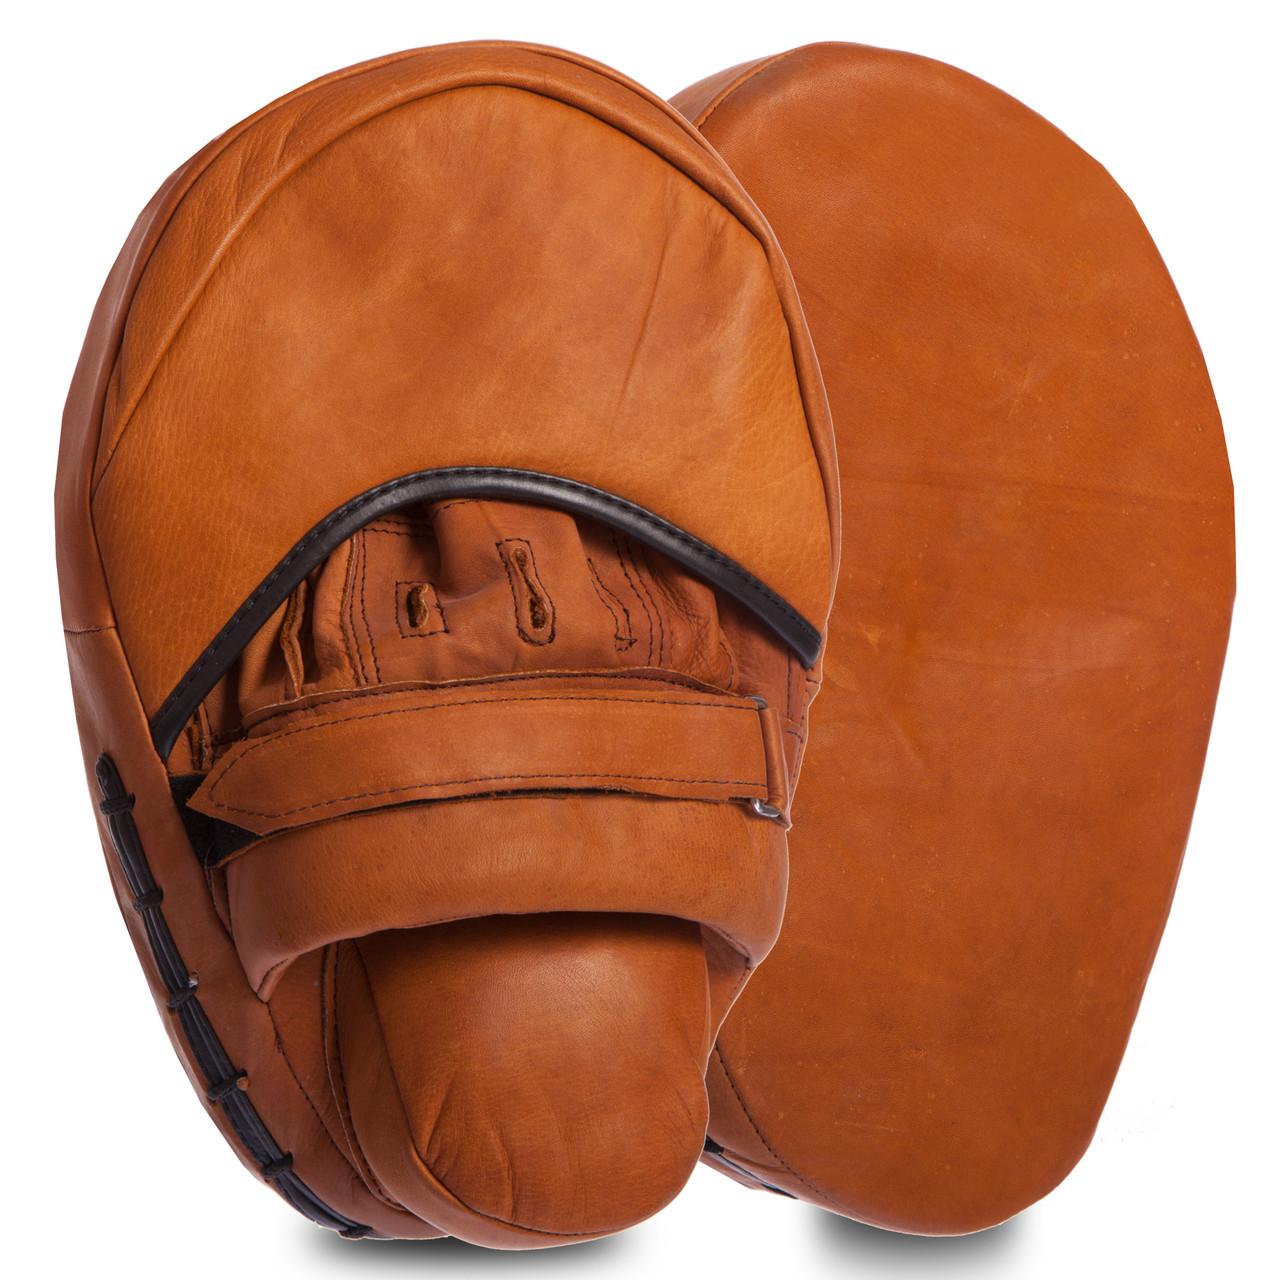 Лапа Пряма для боксу та єдиноборств VINTAGE Coaching Pads 31х20х9см F-0261 2шт коричневий